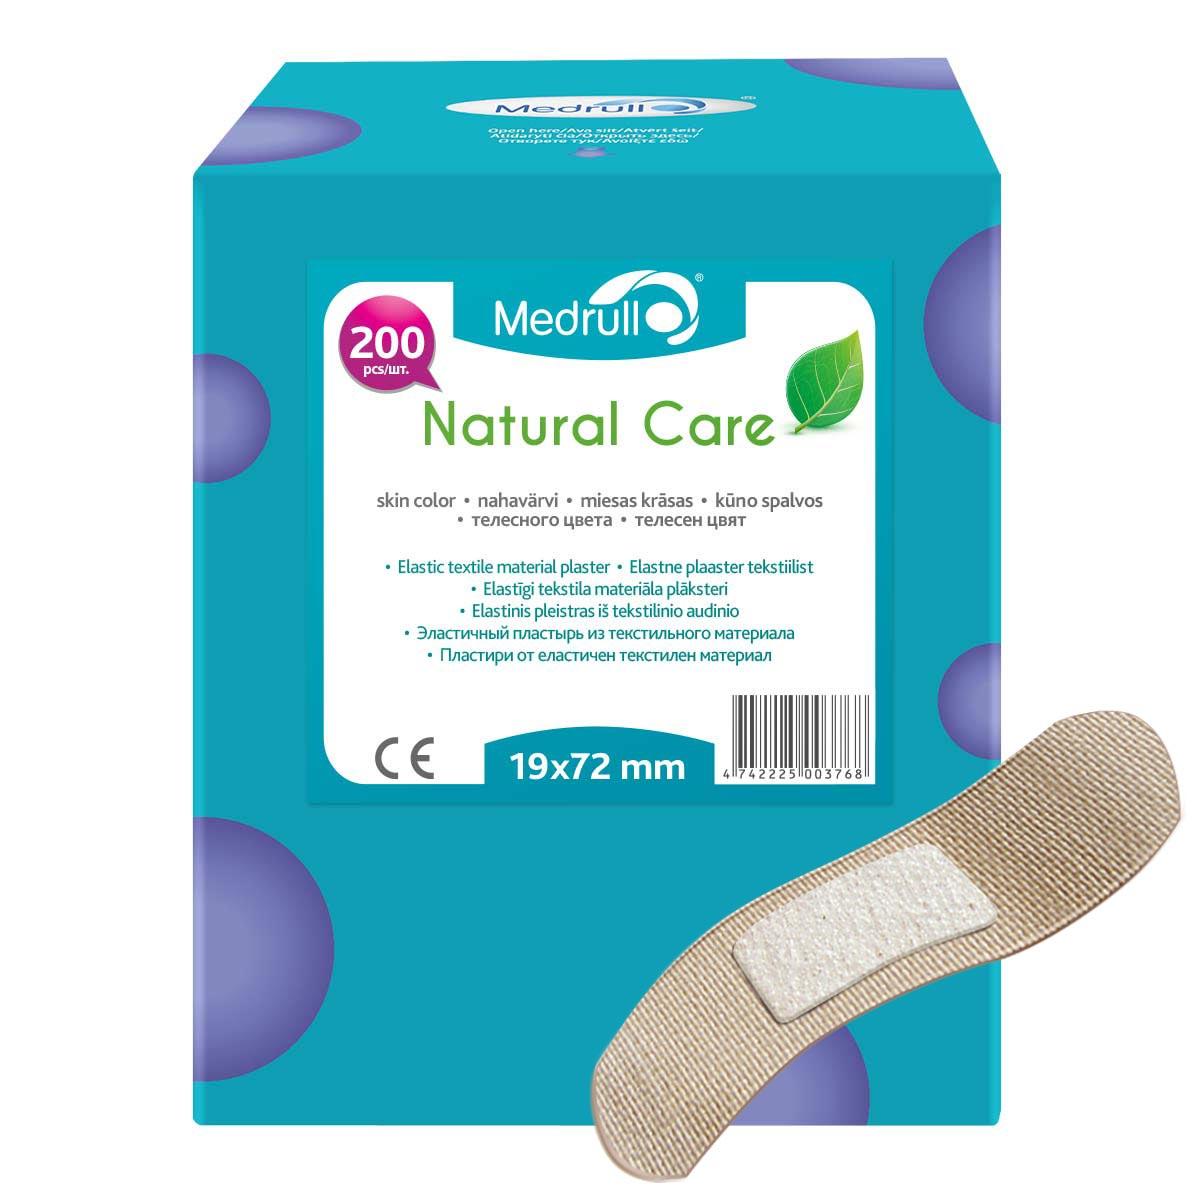 Medrull Набор пластырей Natural Care, 1,9х7,2 см, №2004742225003768Гипоаллергенные пластыри, предназначенные для людей, кожа которых, чувствительна к факторам окружающей среды. Пластыри изготовлены из приятного для кожи эластичного,текстильного материала, в состав которого входит - 65% хлопок, 35% полиамид, благодаря чему, возможность появления аллергии снижена до минимума. Свойства пластыря: грязенепроницаемые, гипоаллергенные, эластичные, дышащие, плотно прилегающие. Абсорбирующая подушечка изготовлена из вискозы и обладает высокой впитываемостью. Верхняя часть подушечки обработана полипропиленом, что защищает от вероятности прилипания пластыря к поврежденной поверхности кожи.Уважаемые клиенты! Обращаем ваше внимание на возможные изменения в дизайне упаковки. Качественные характеристики товара остаются неизменными. Поставка осуществляется в зависимости от наличия на складе.